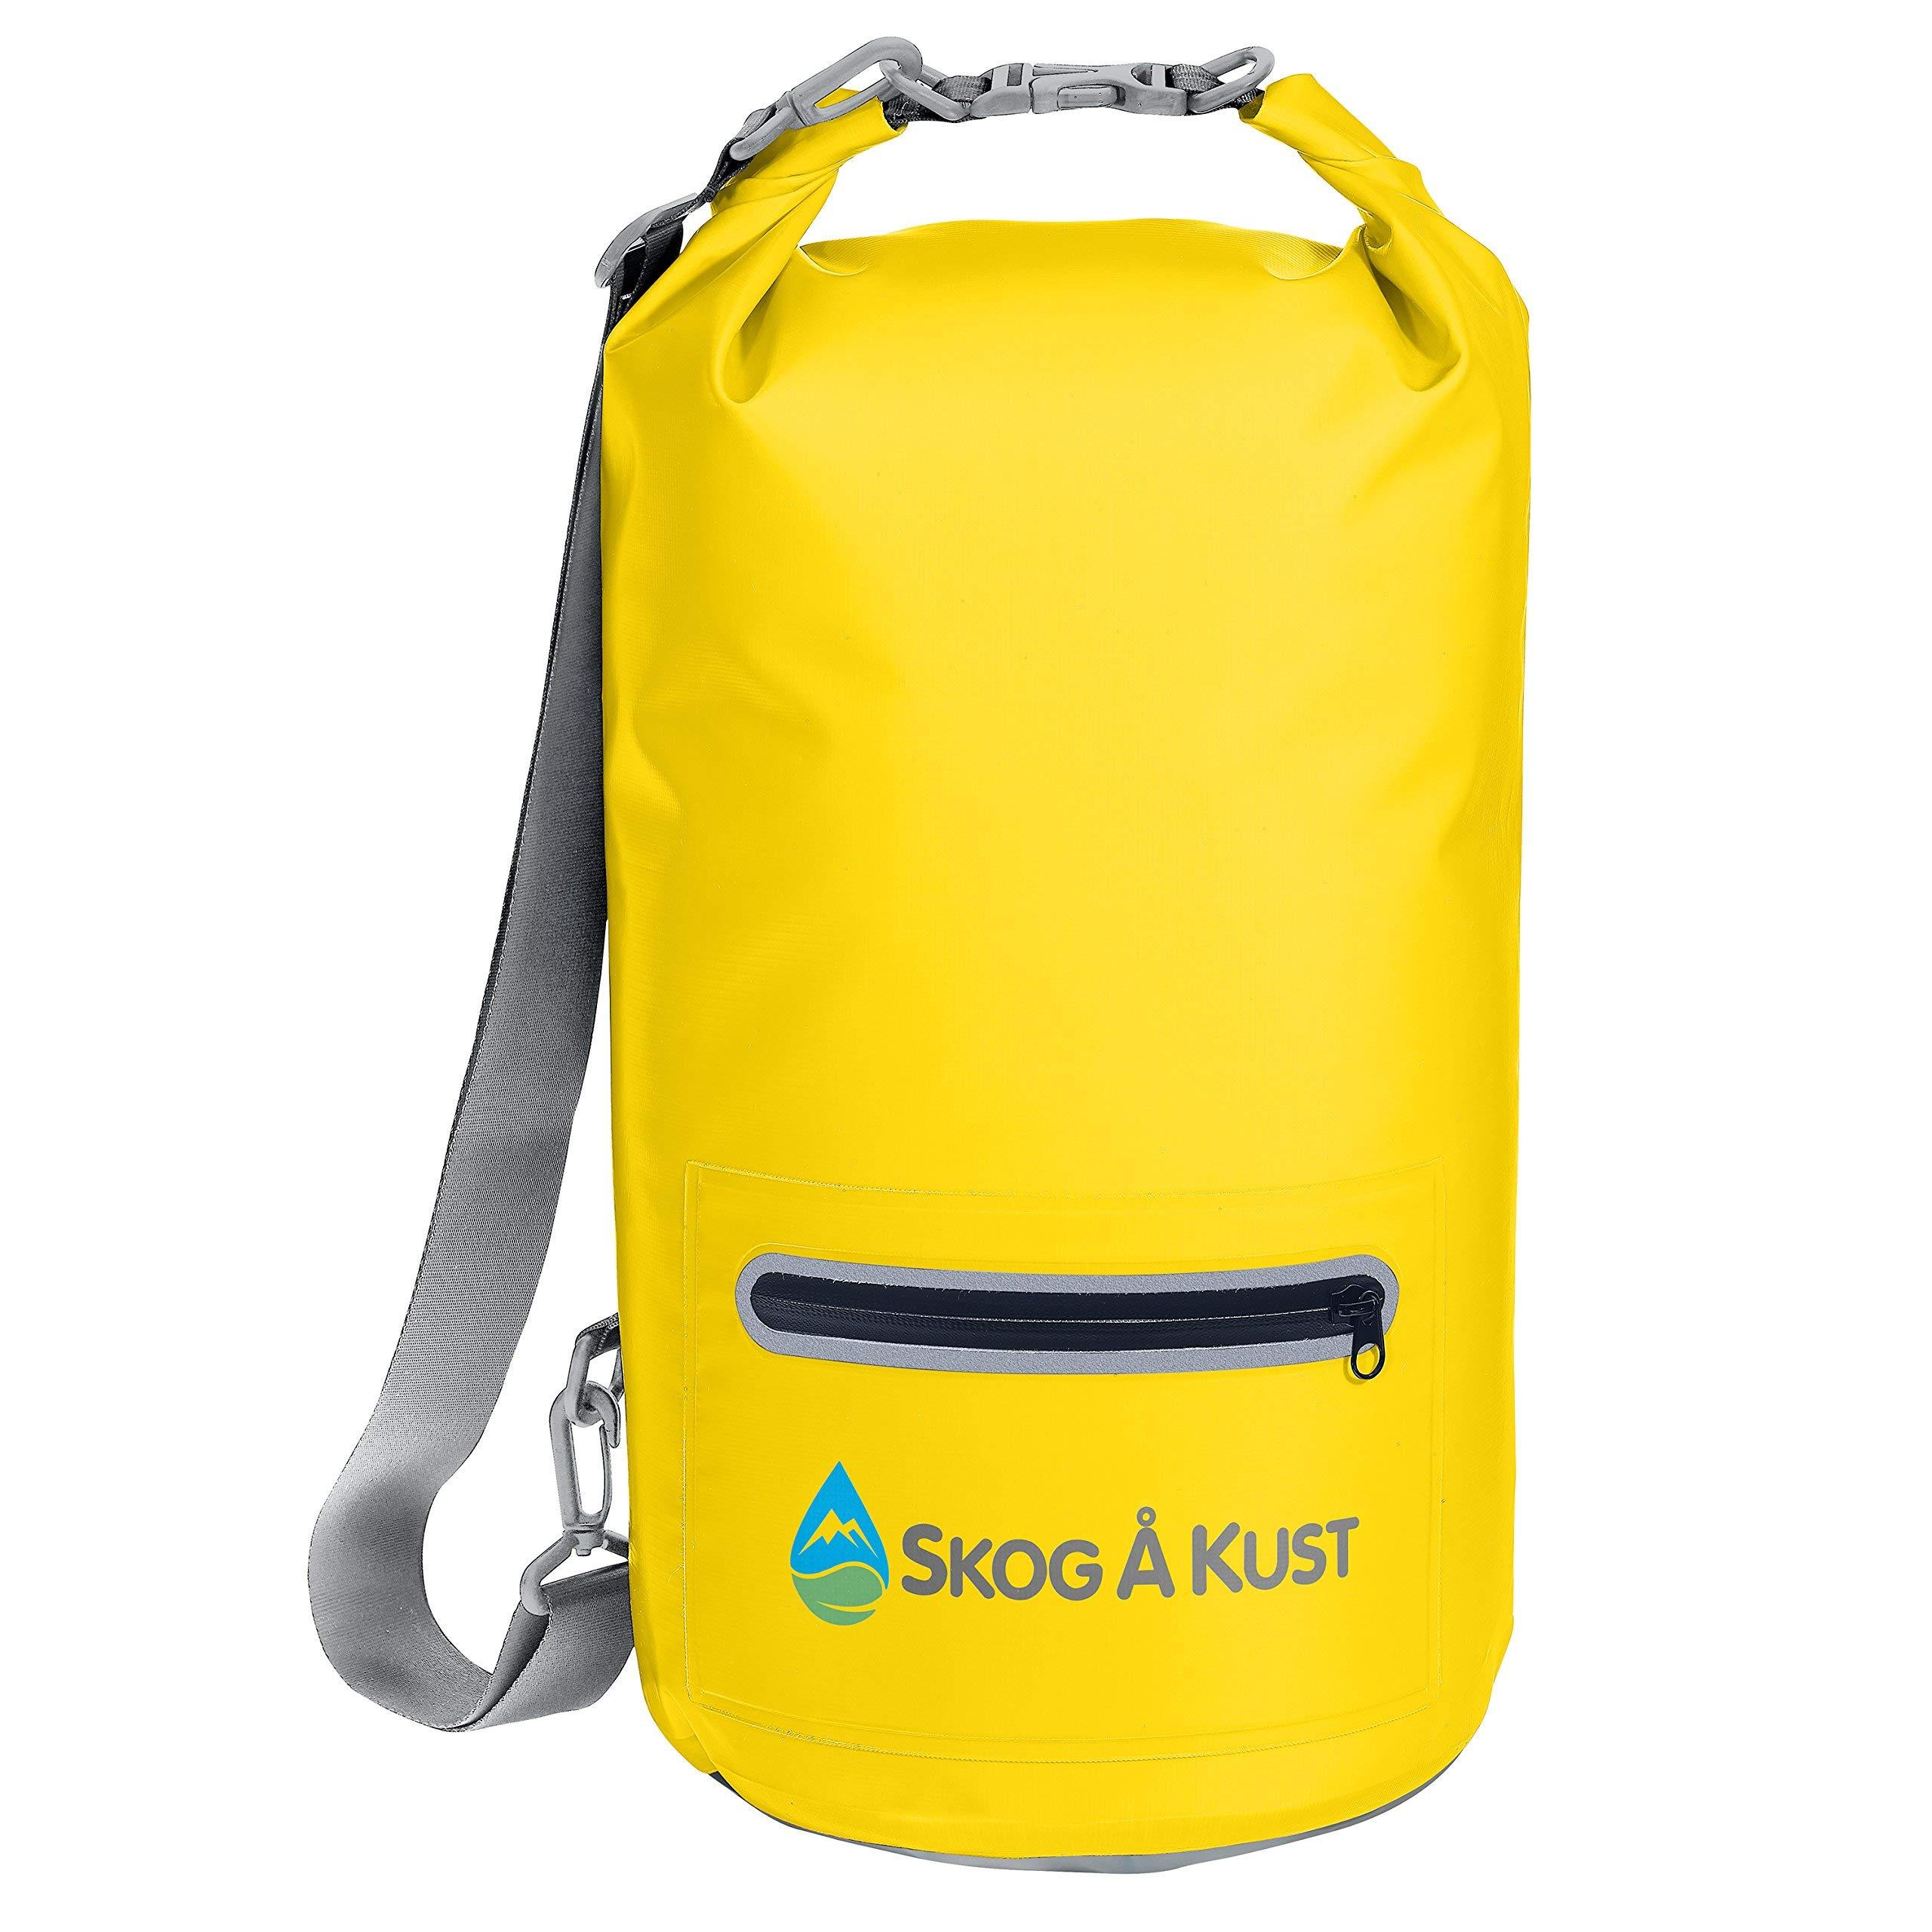 Skog Å Kust DrySak Waterproof Dry Bag | 20L Yellow by Skog Å Kust